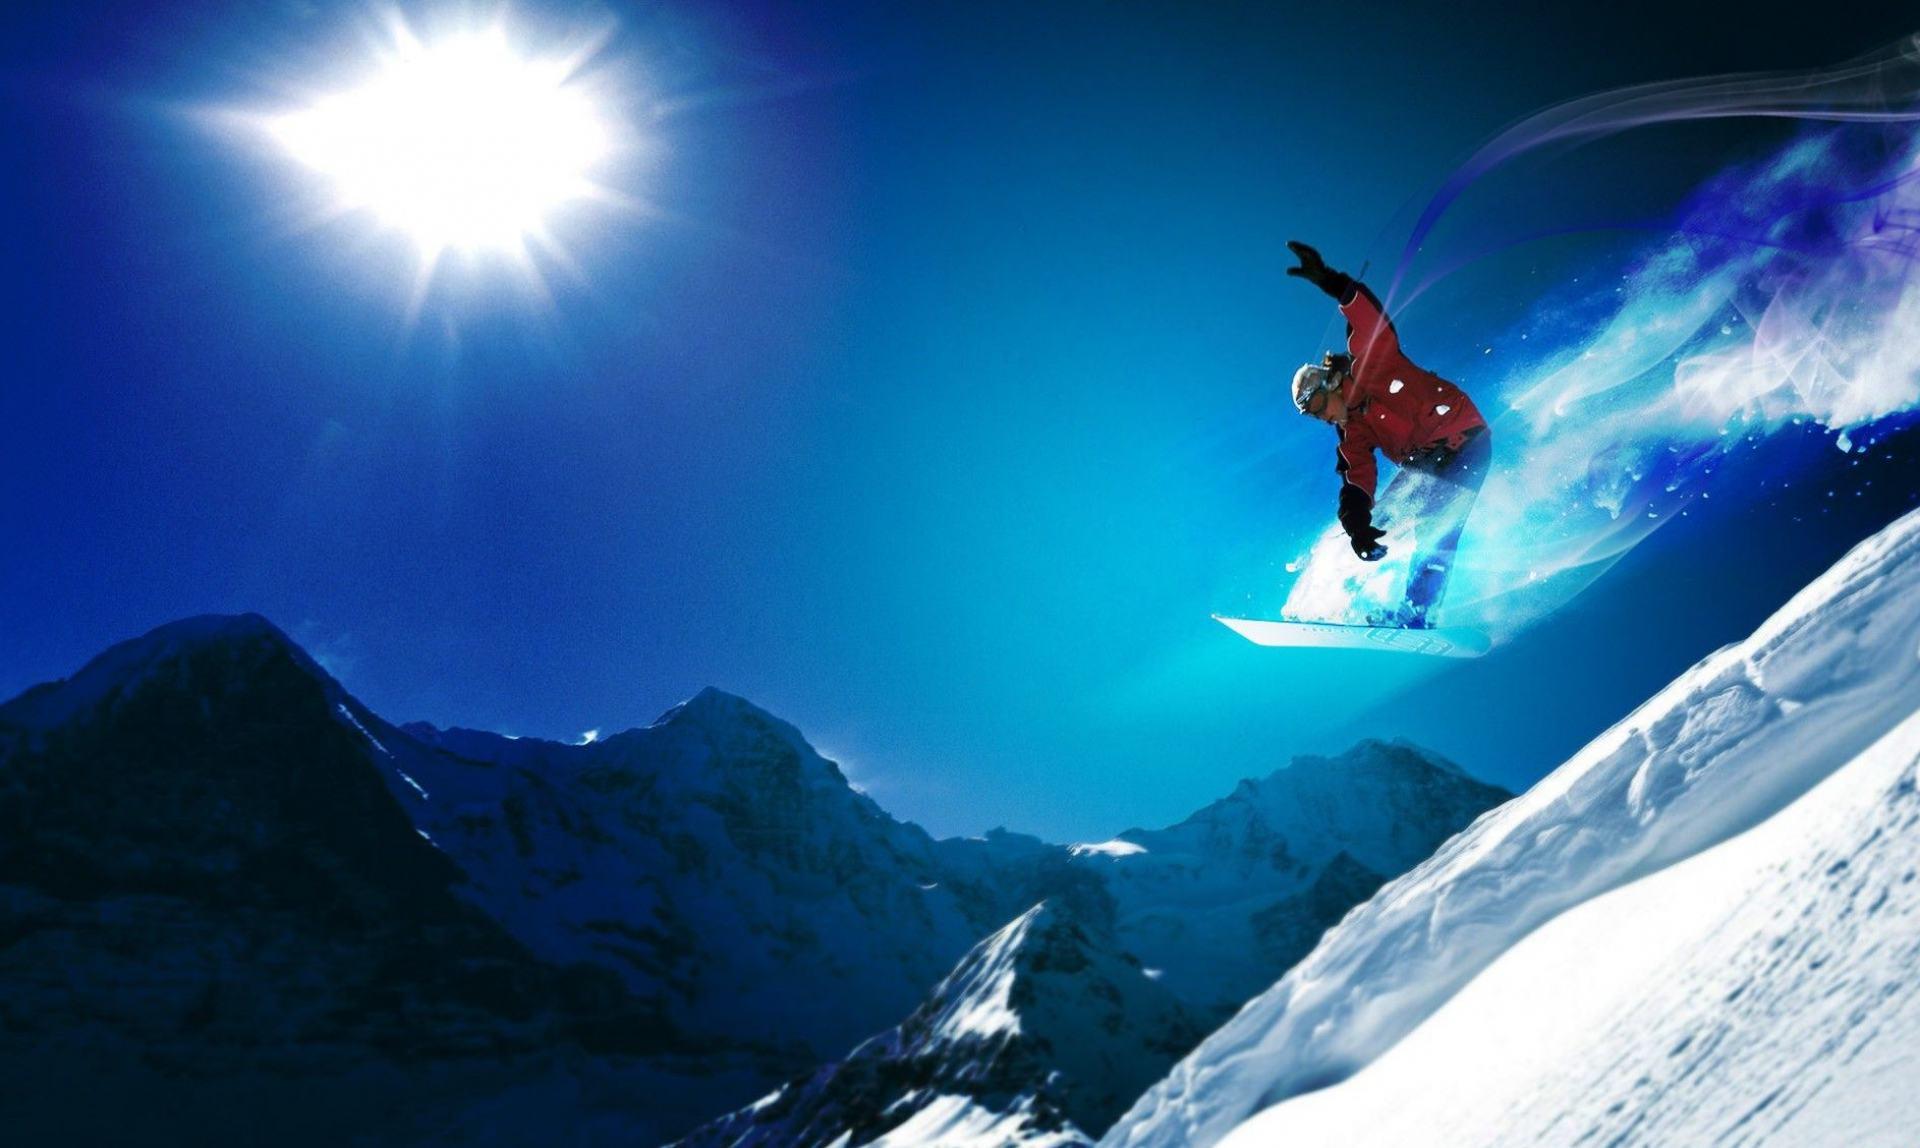 Flow – качественный производитель креплений, ботинок и сноубордов